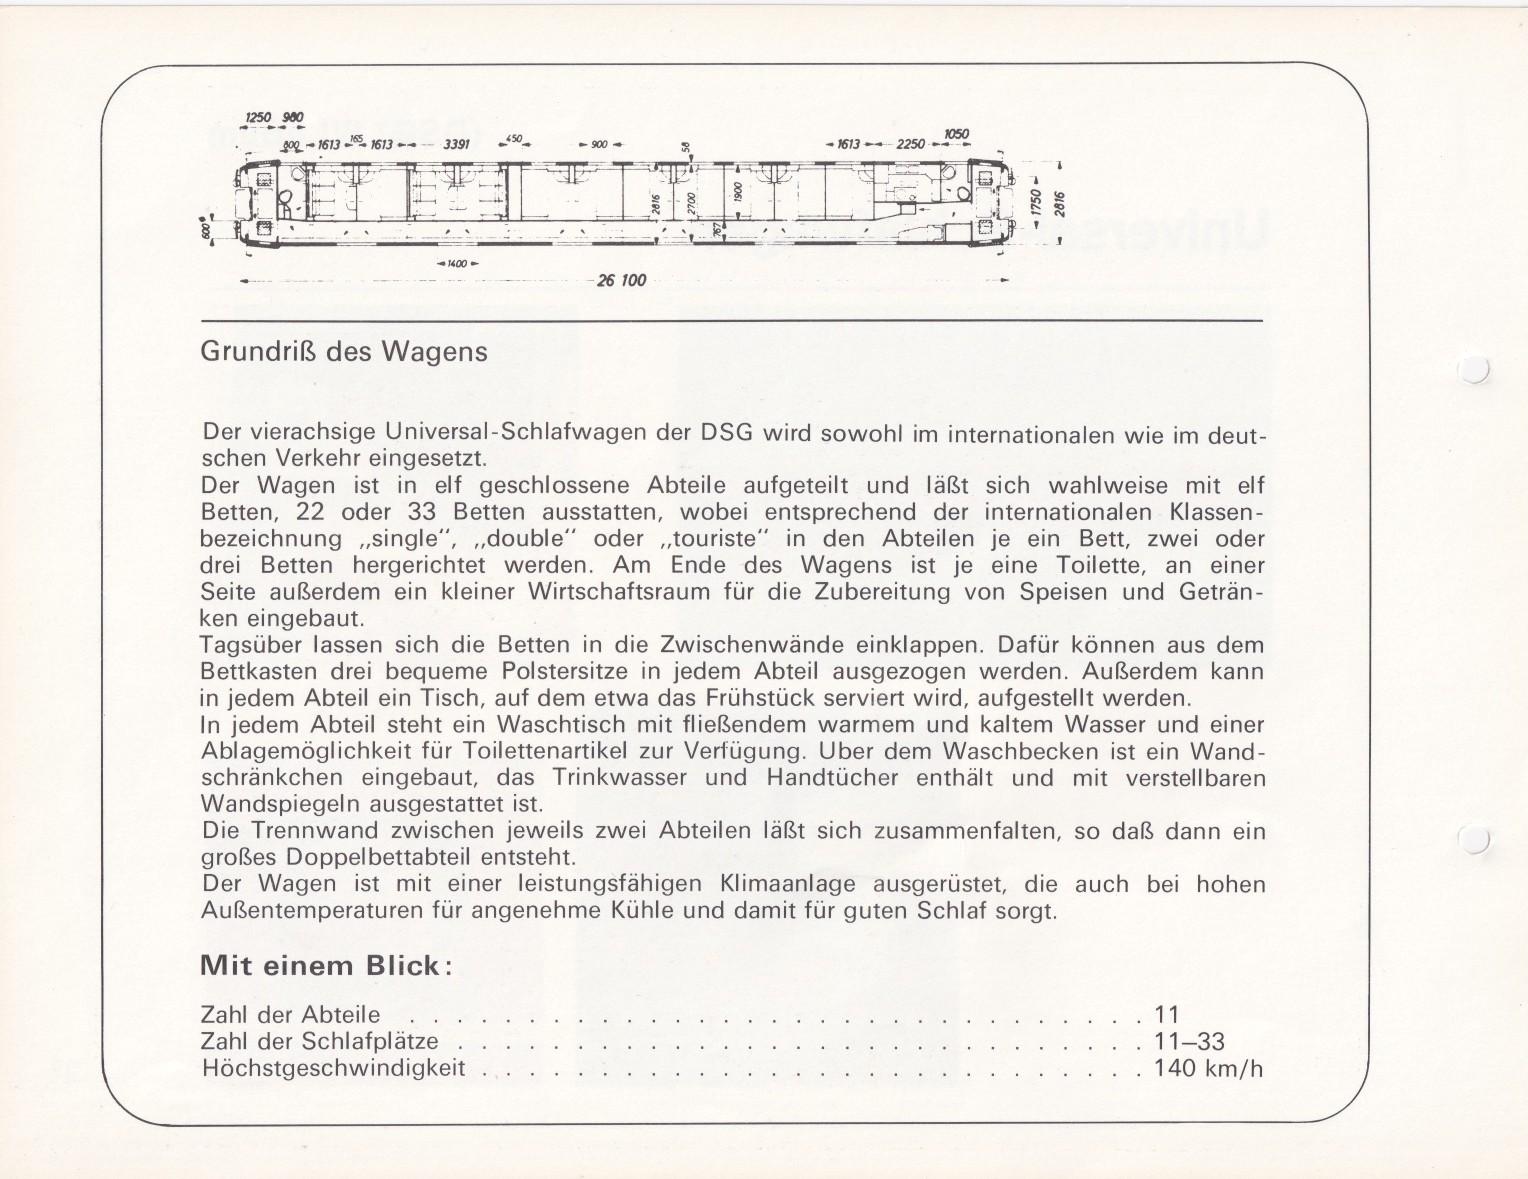 https://www.nullclub.de/hifo/Fahrzeuglexikon/Wagen37b.jpg